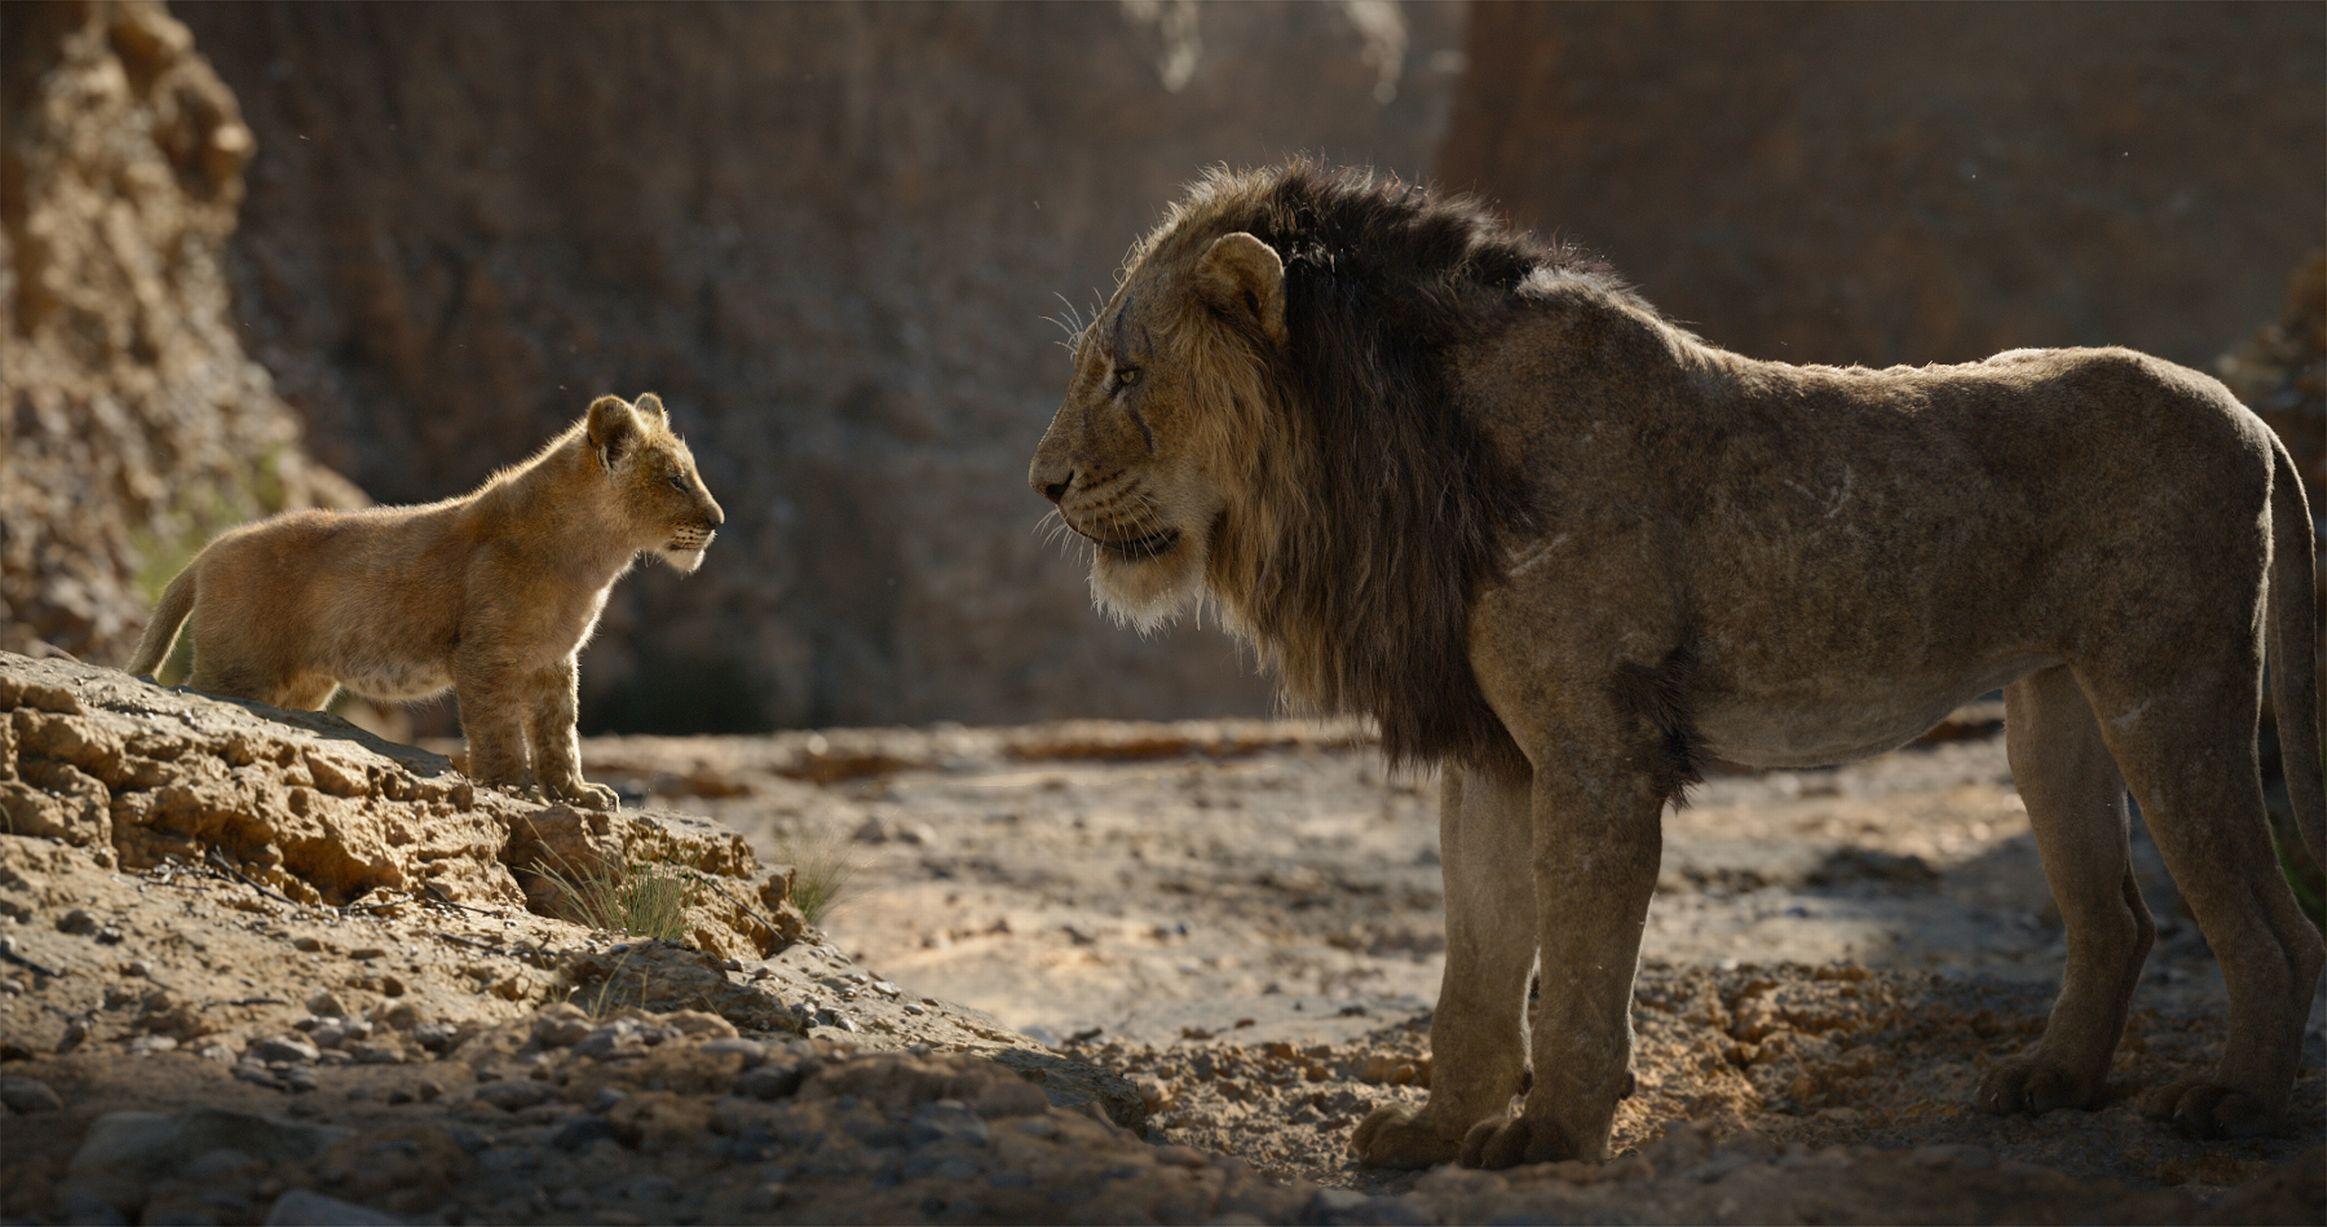 Risultati immagini per the lion king 2019